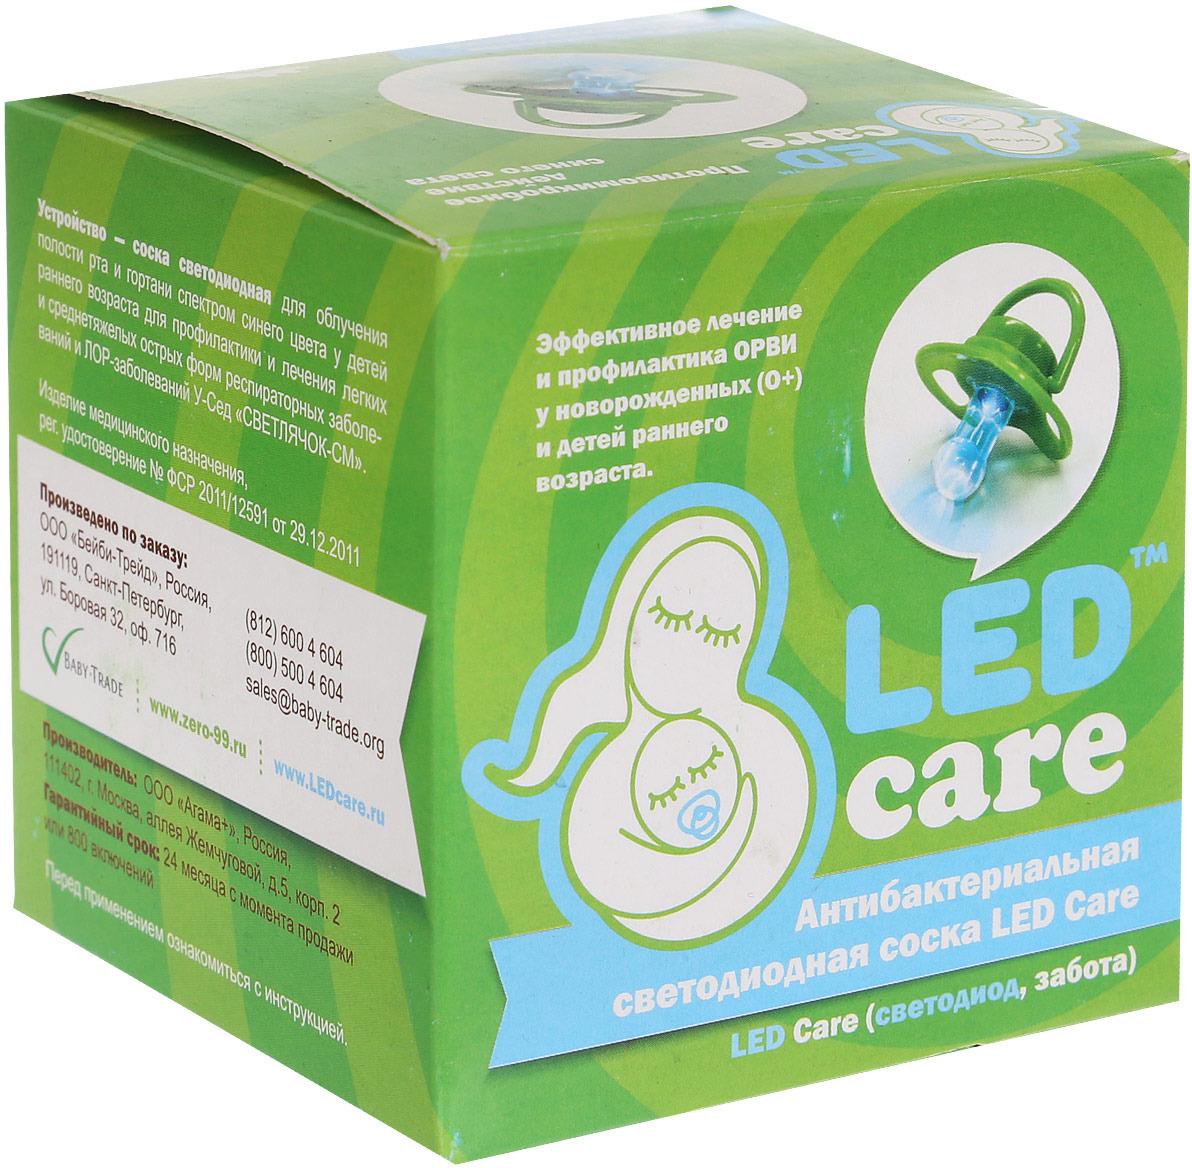 """Соска LEDcare """"Светлячок"""", светодиодная, антибактериальная, от 0 месяцев  #1"""